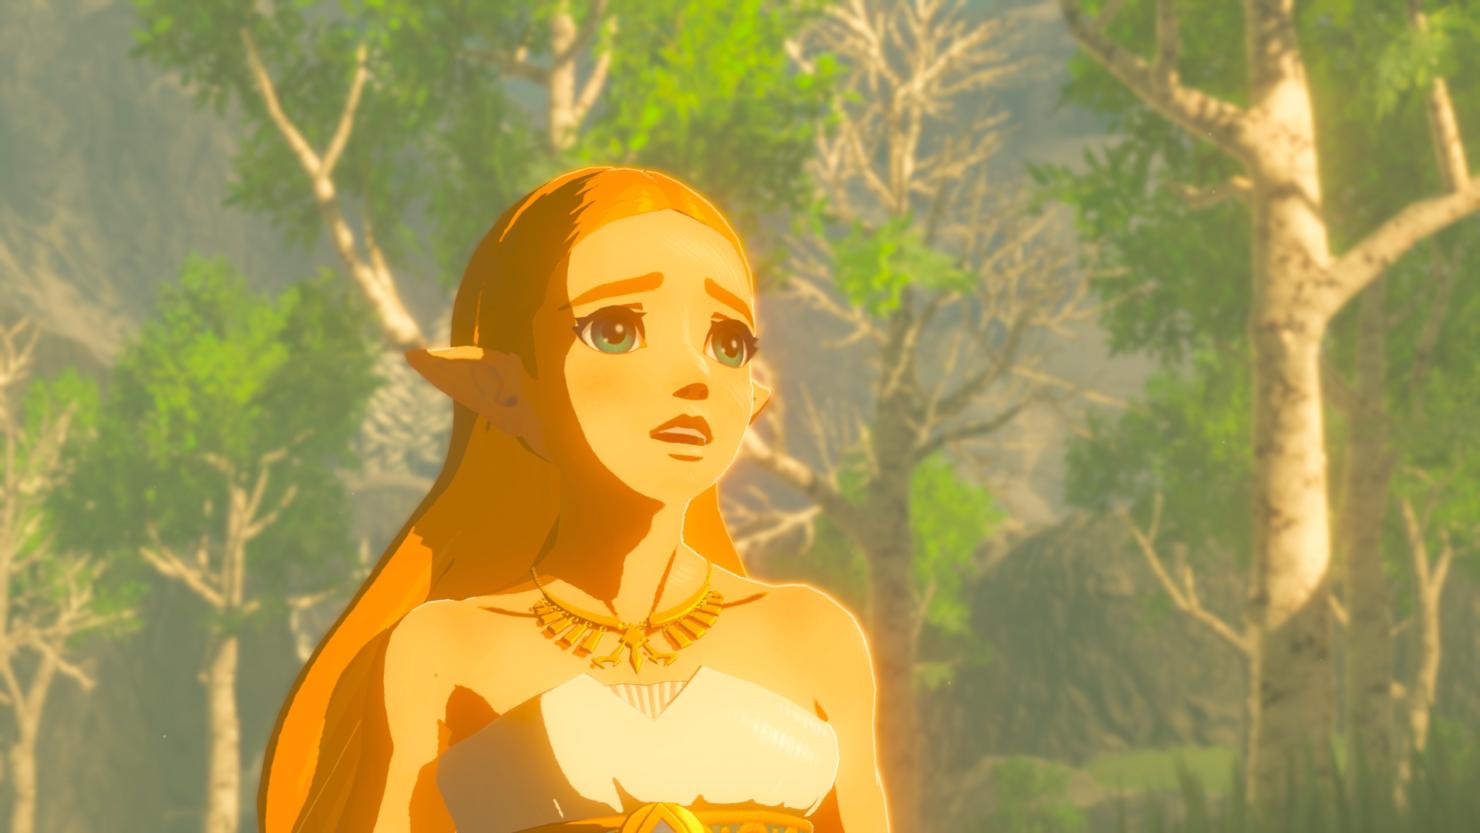 zelda-breath-of-the-wild-screenshots5